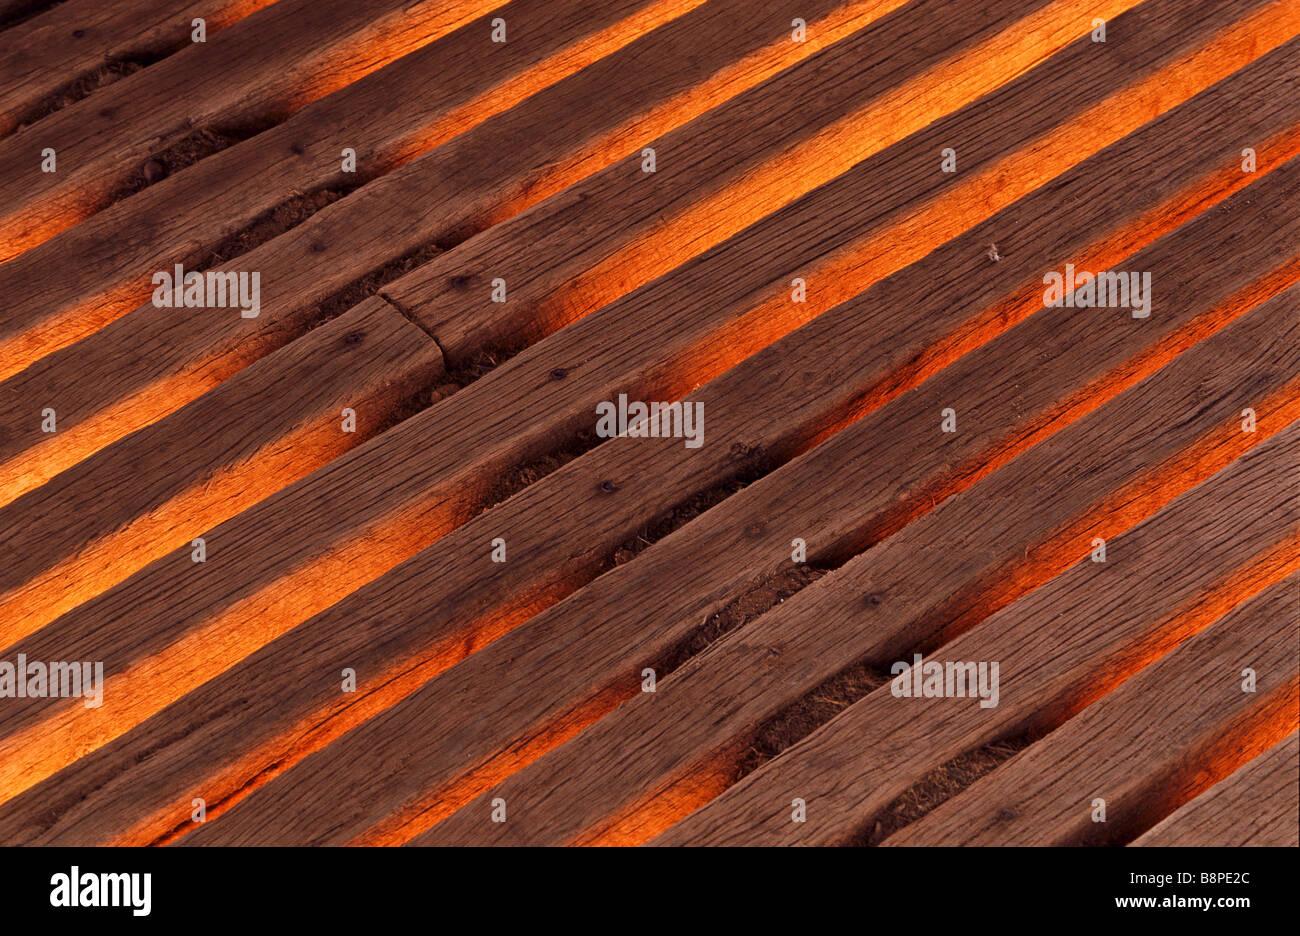 Detalle tablones de madera Imagen De Stock